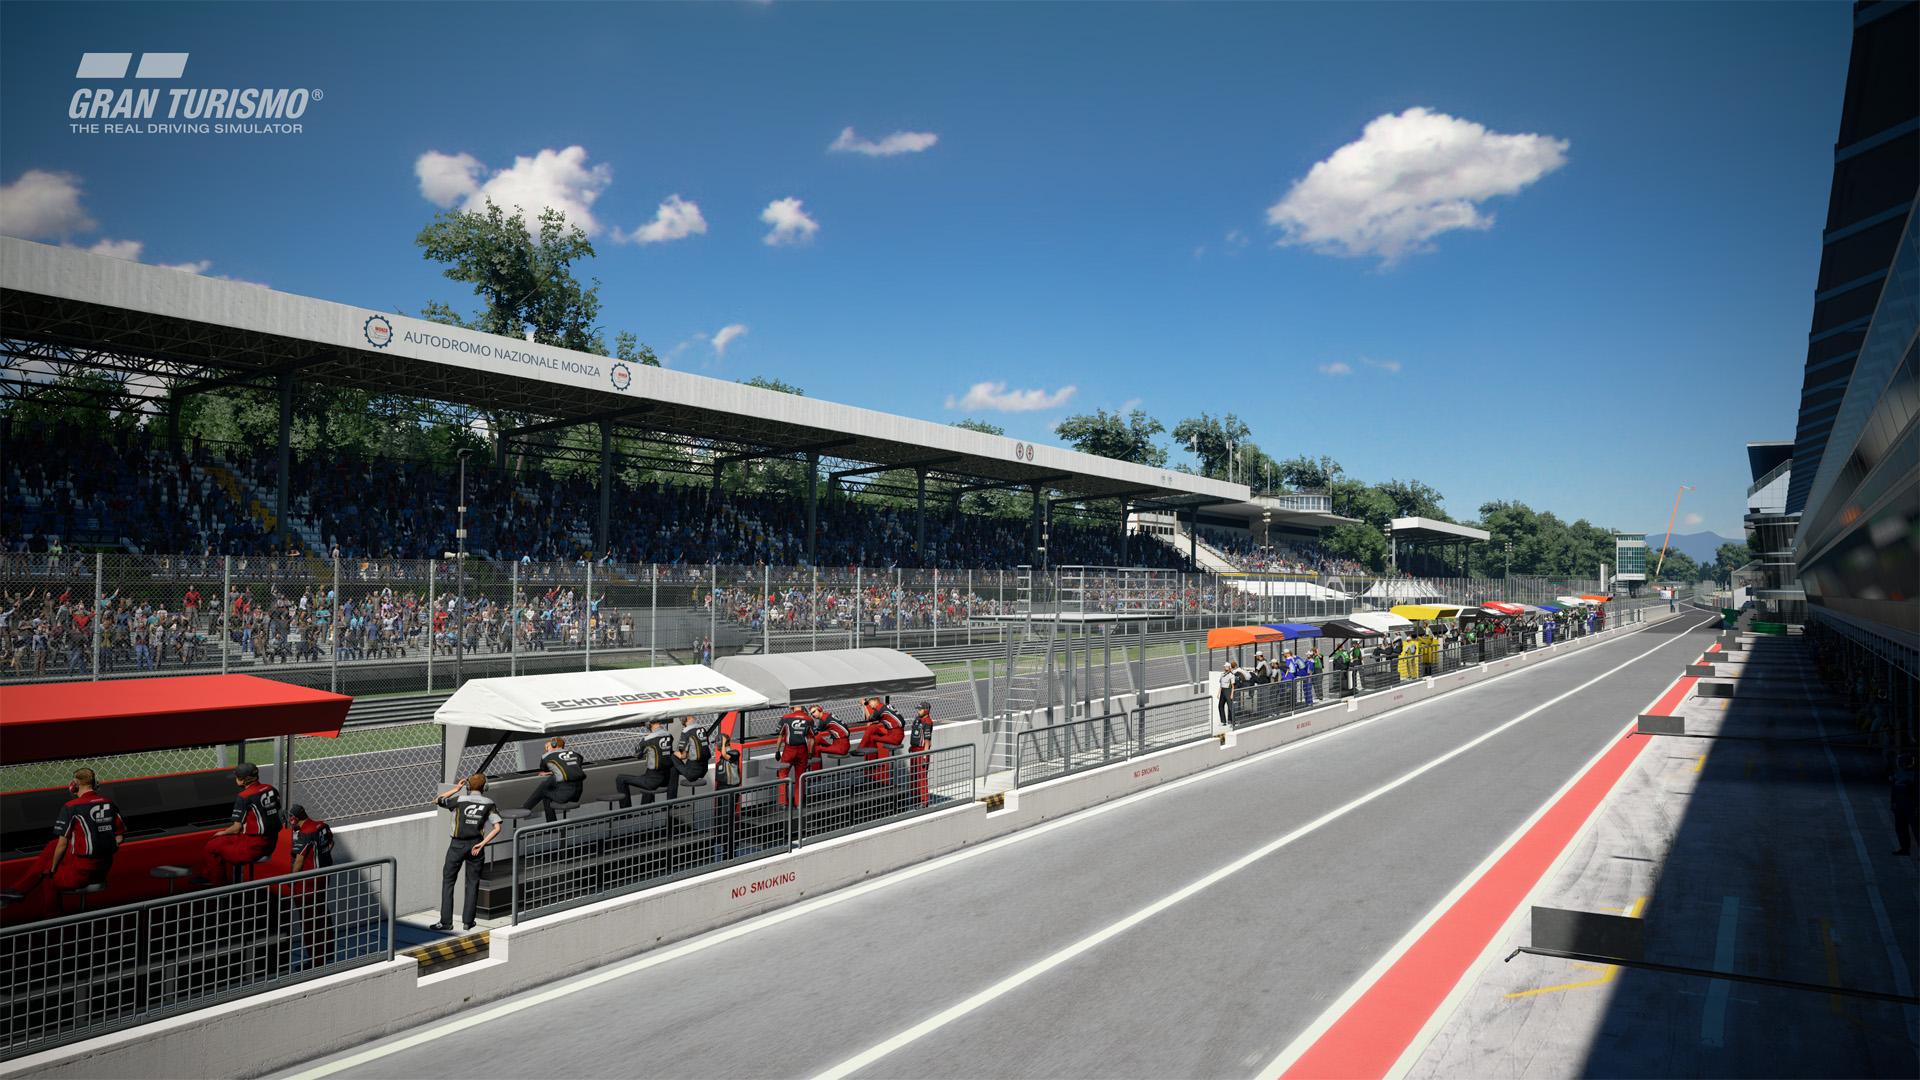 Circuito Monza : Autodromo nazionale di monza tribuna parabolica interna